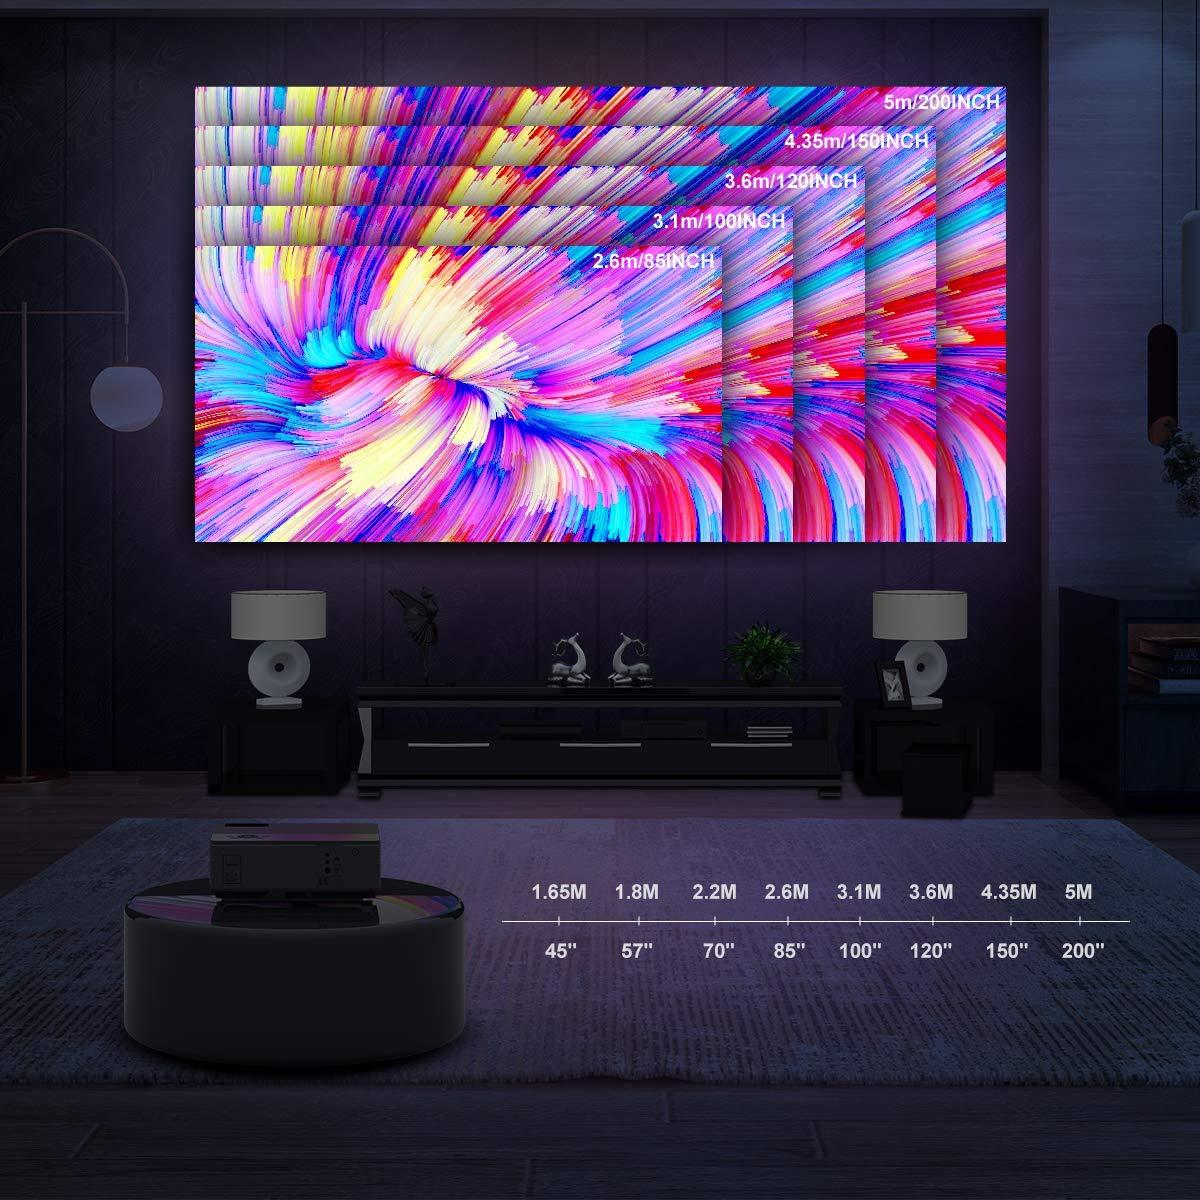 Ai LIFE Proyector Proyector LED Nativo de 9000 lúmenes y 1080P Soporte Full HD 4K 1920 x 1080 con Pantalla de 300